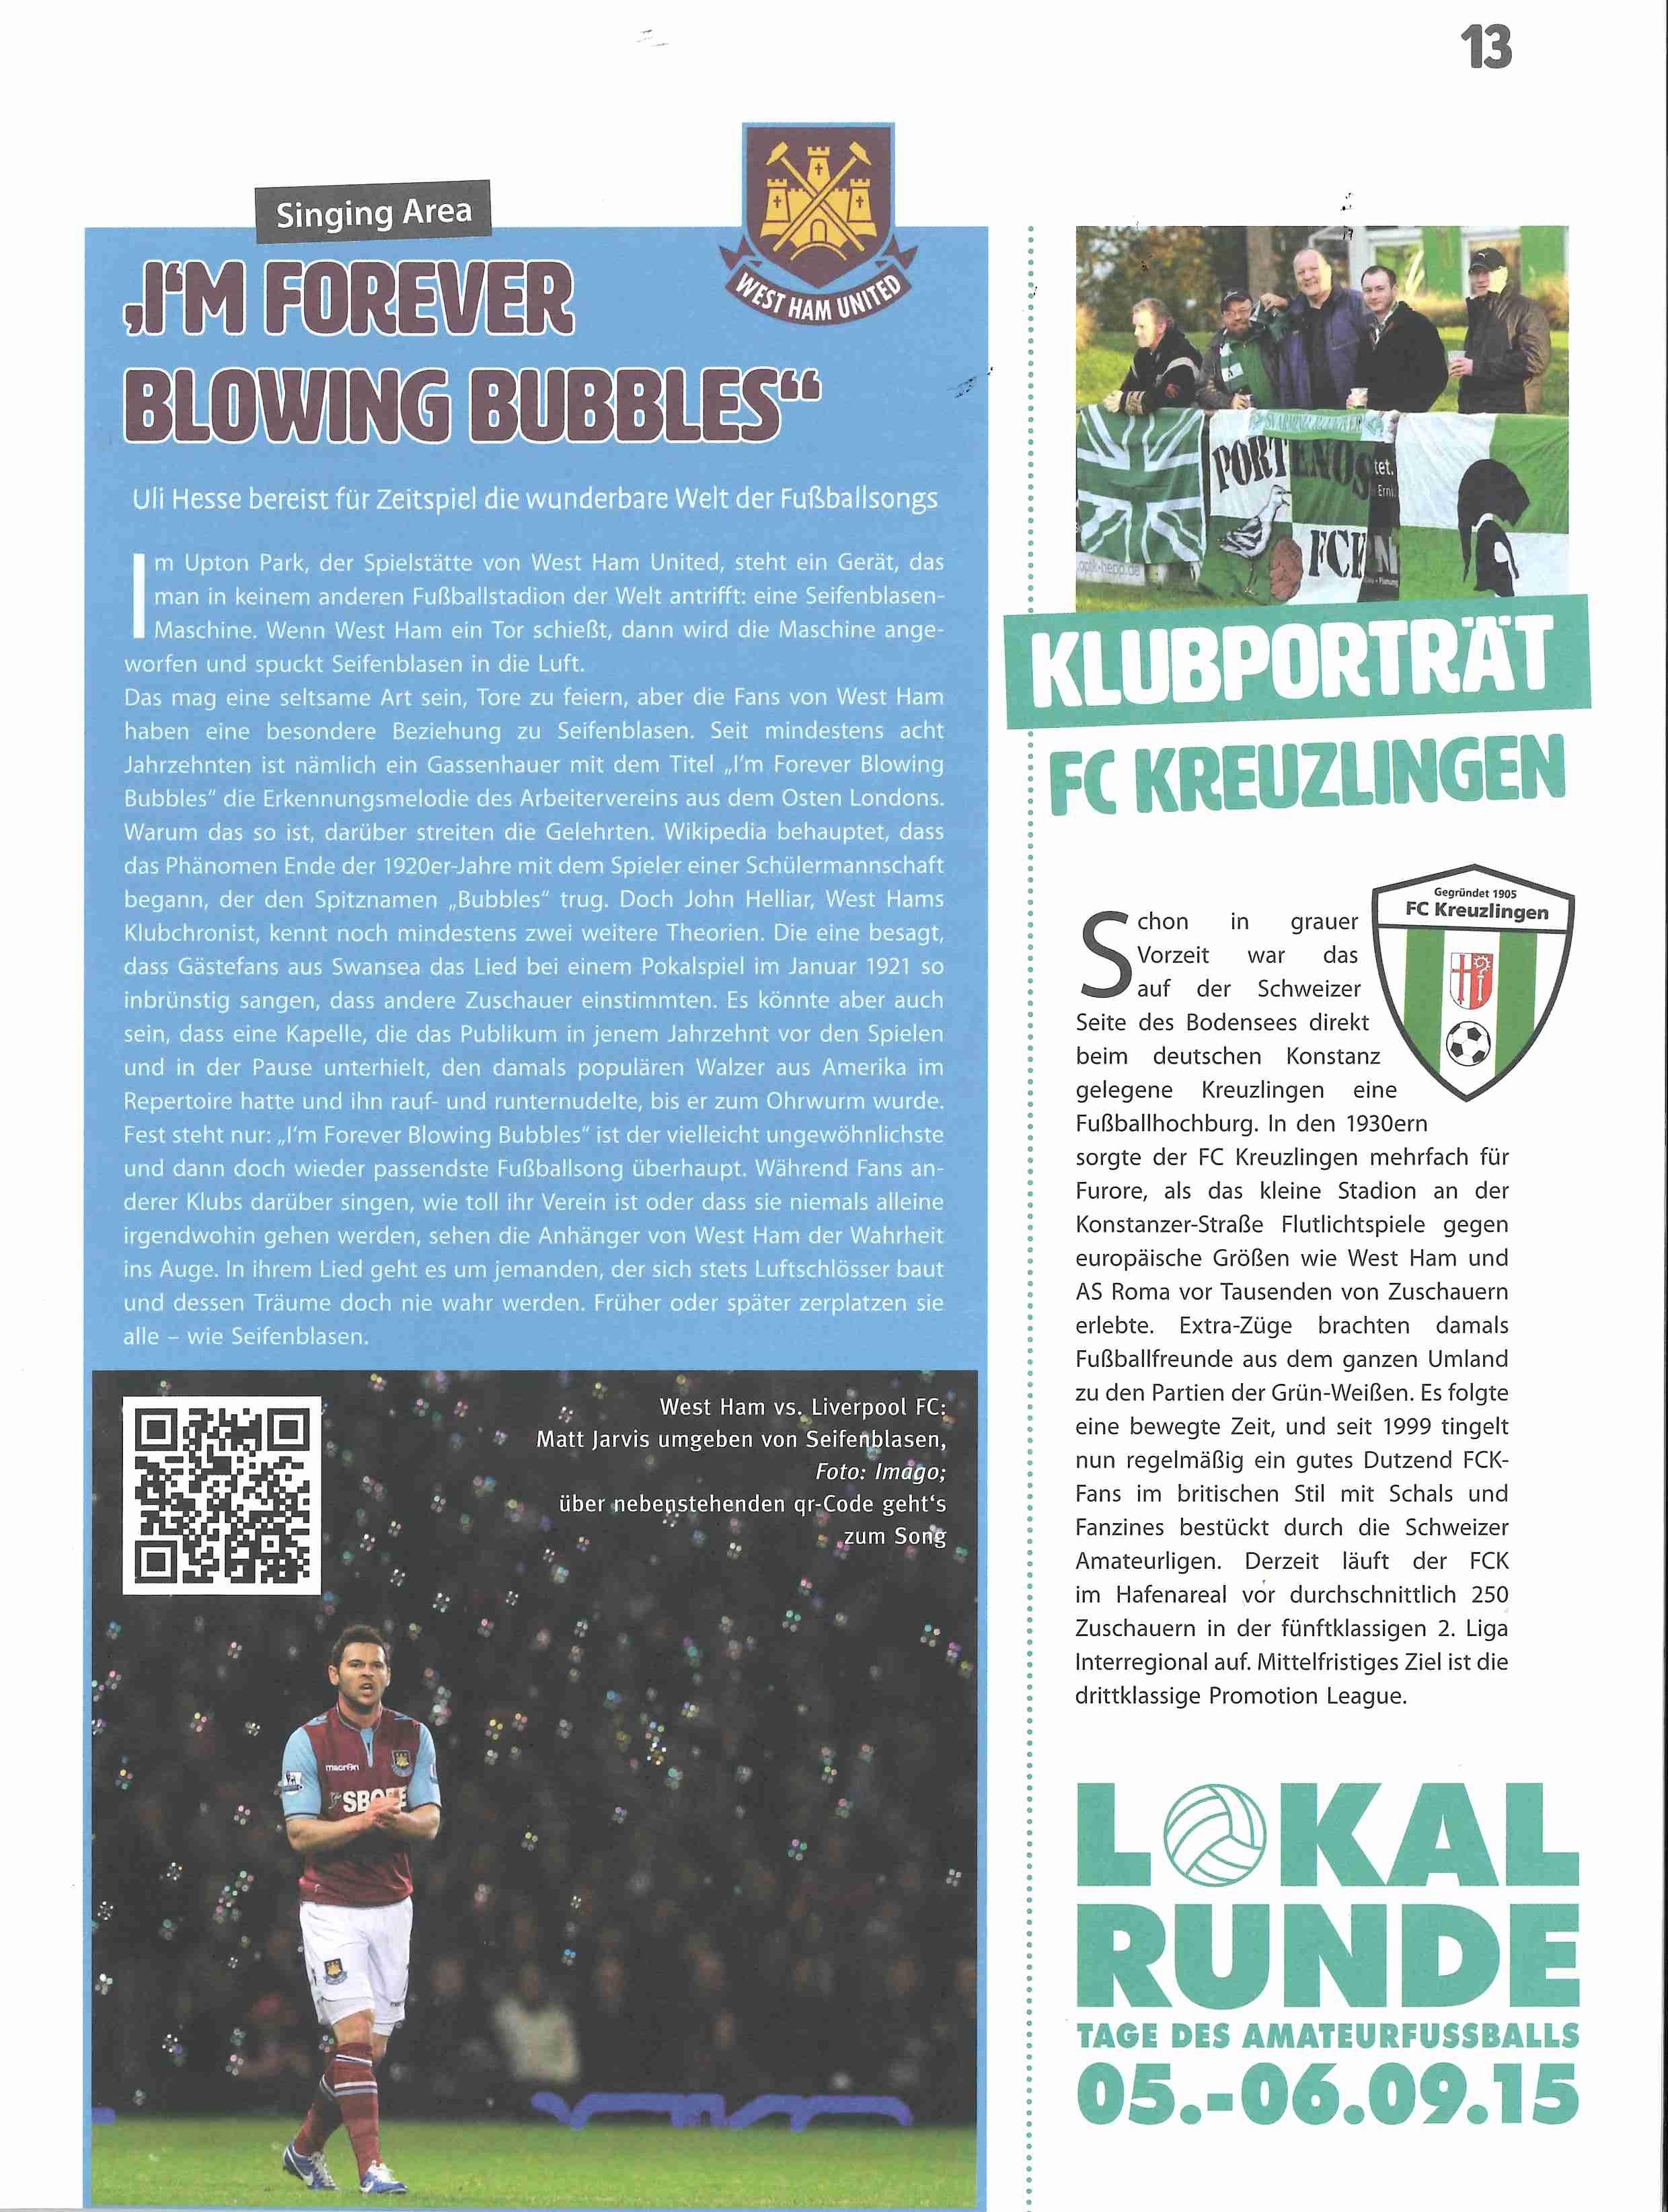 PORTEÑOS 2013 – The Seagulls Roar! | Fanklub und Fussballkultur beim ...